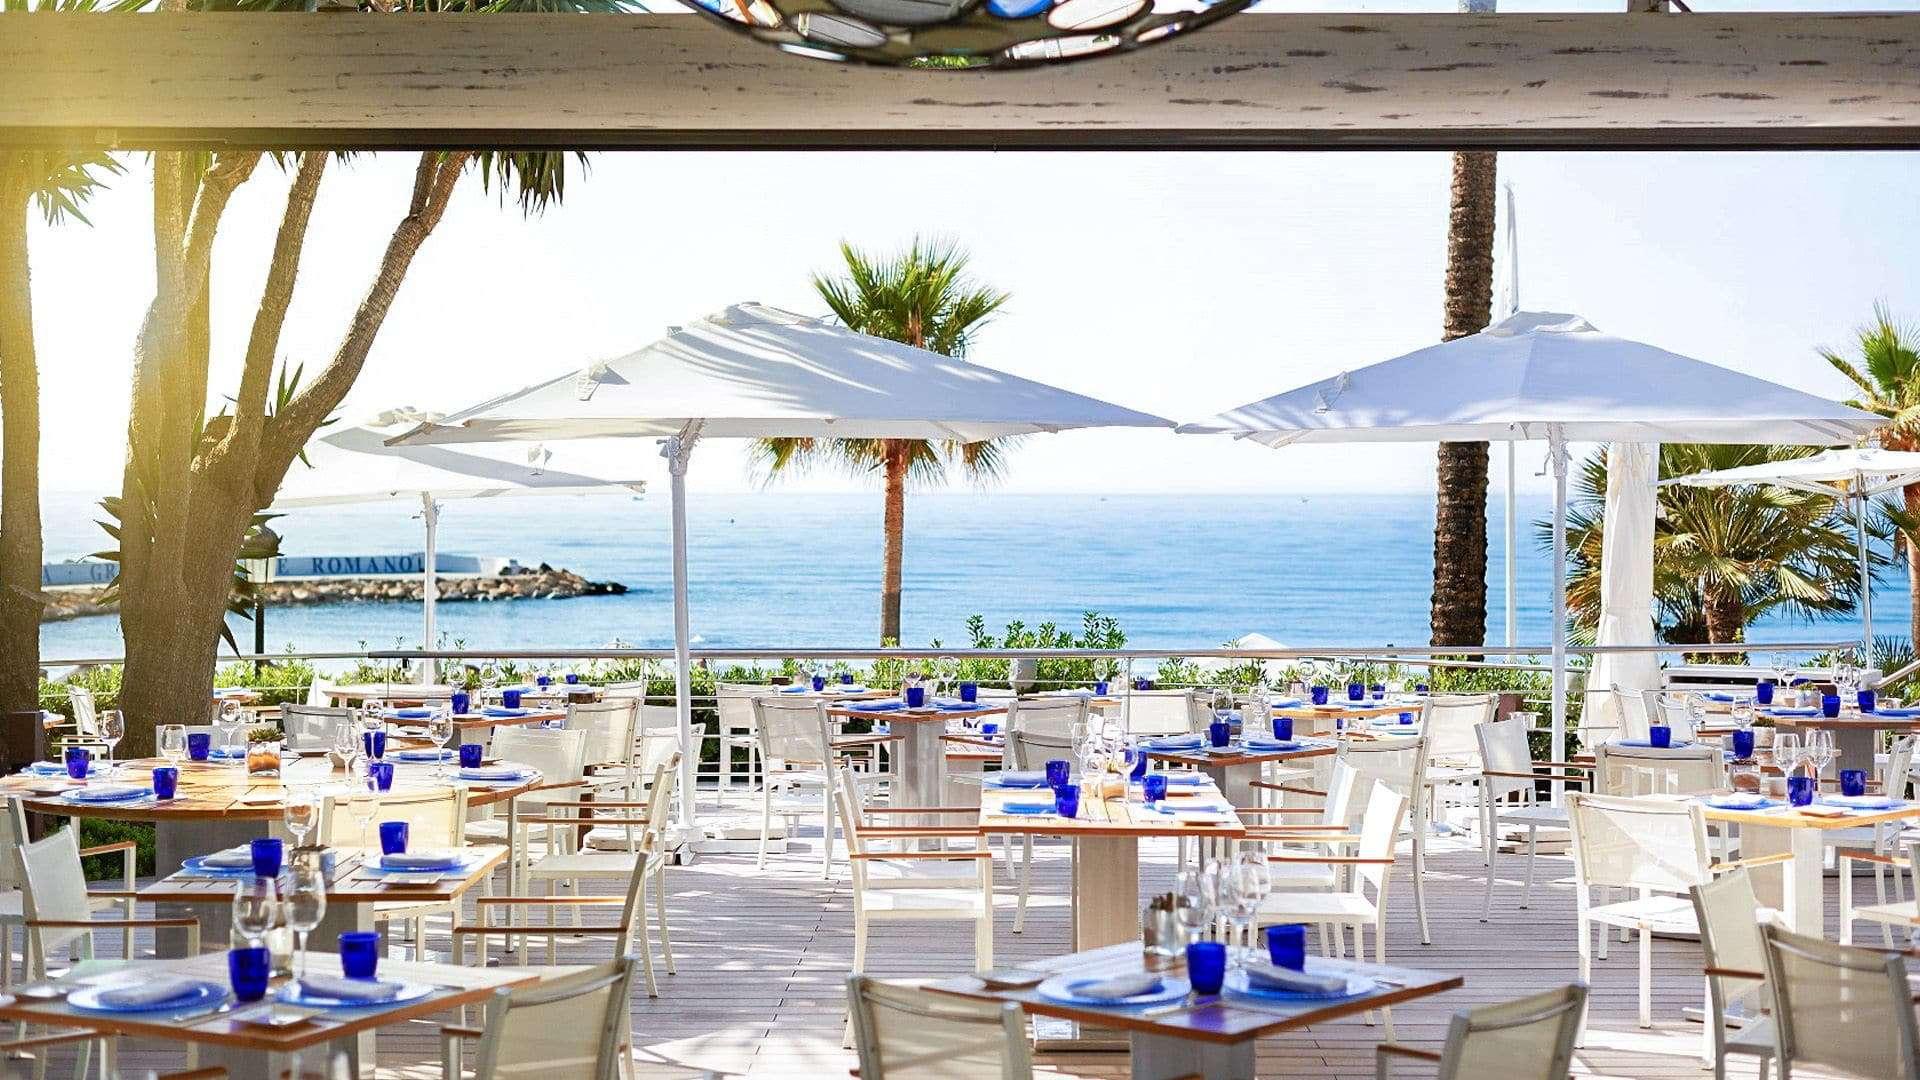 Puente Romano Marbella Restaurante